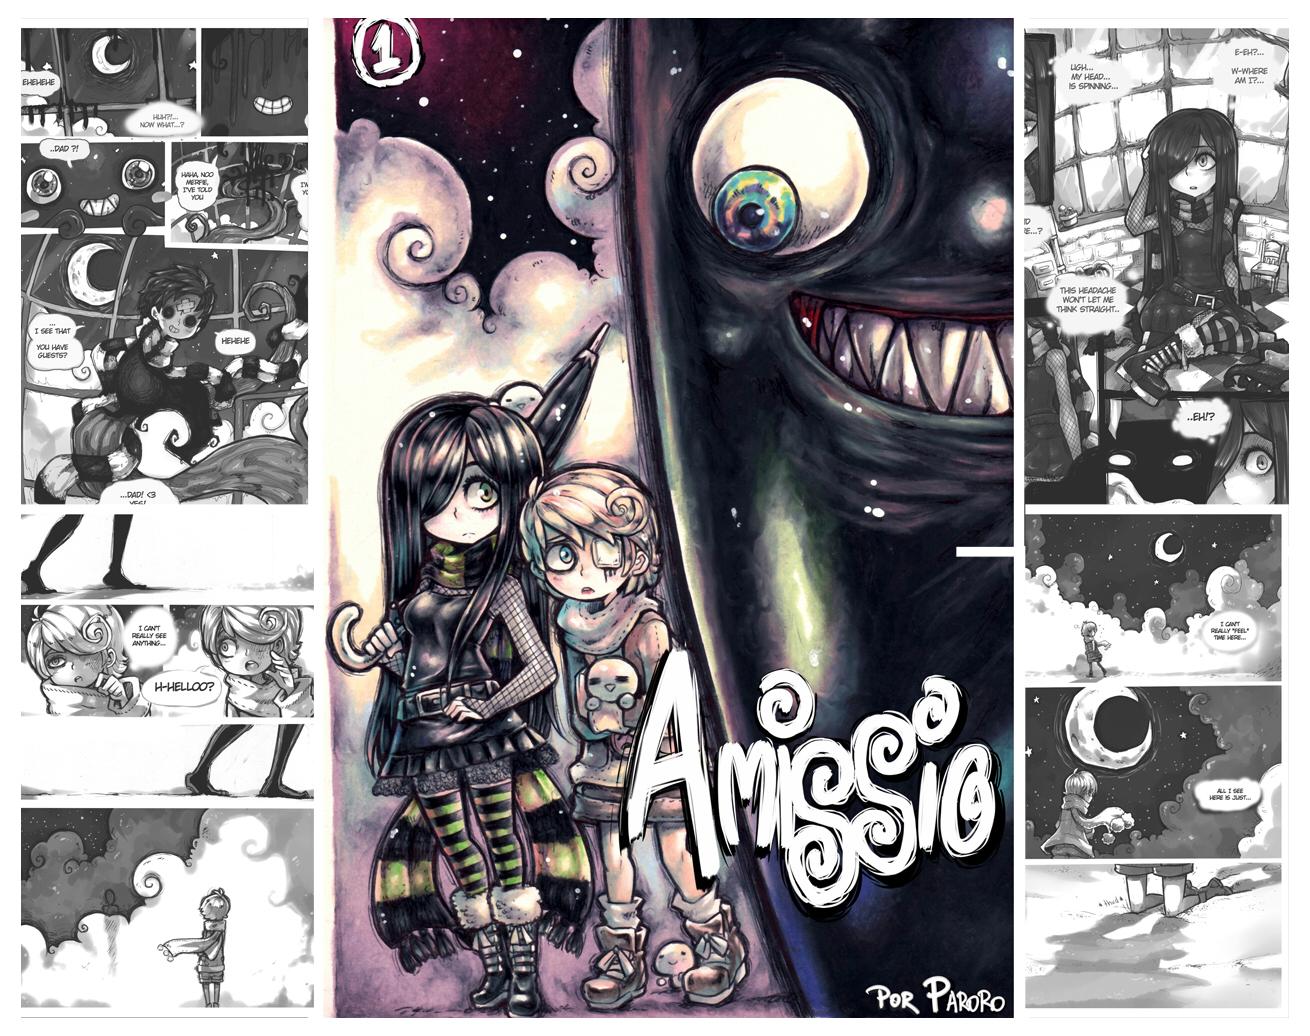 Chapter 01 - Amissio by Parororo